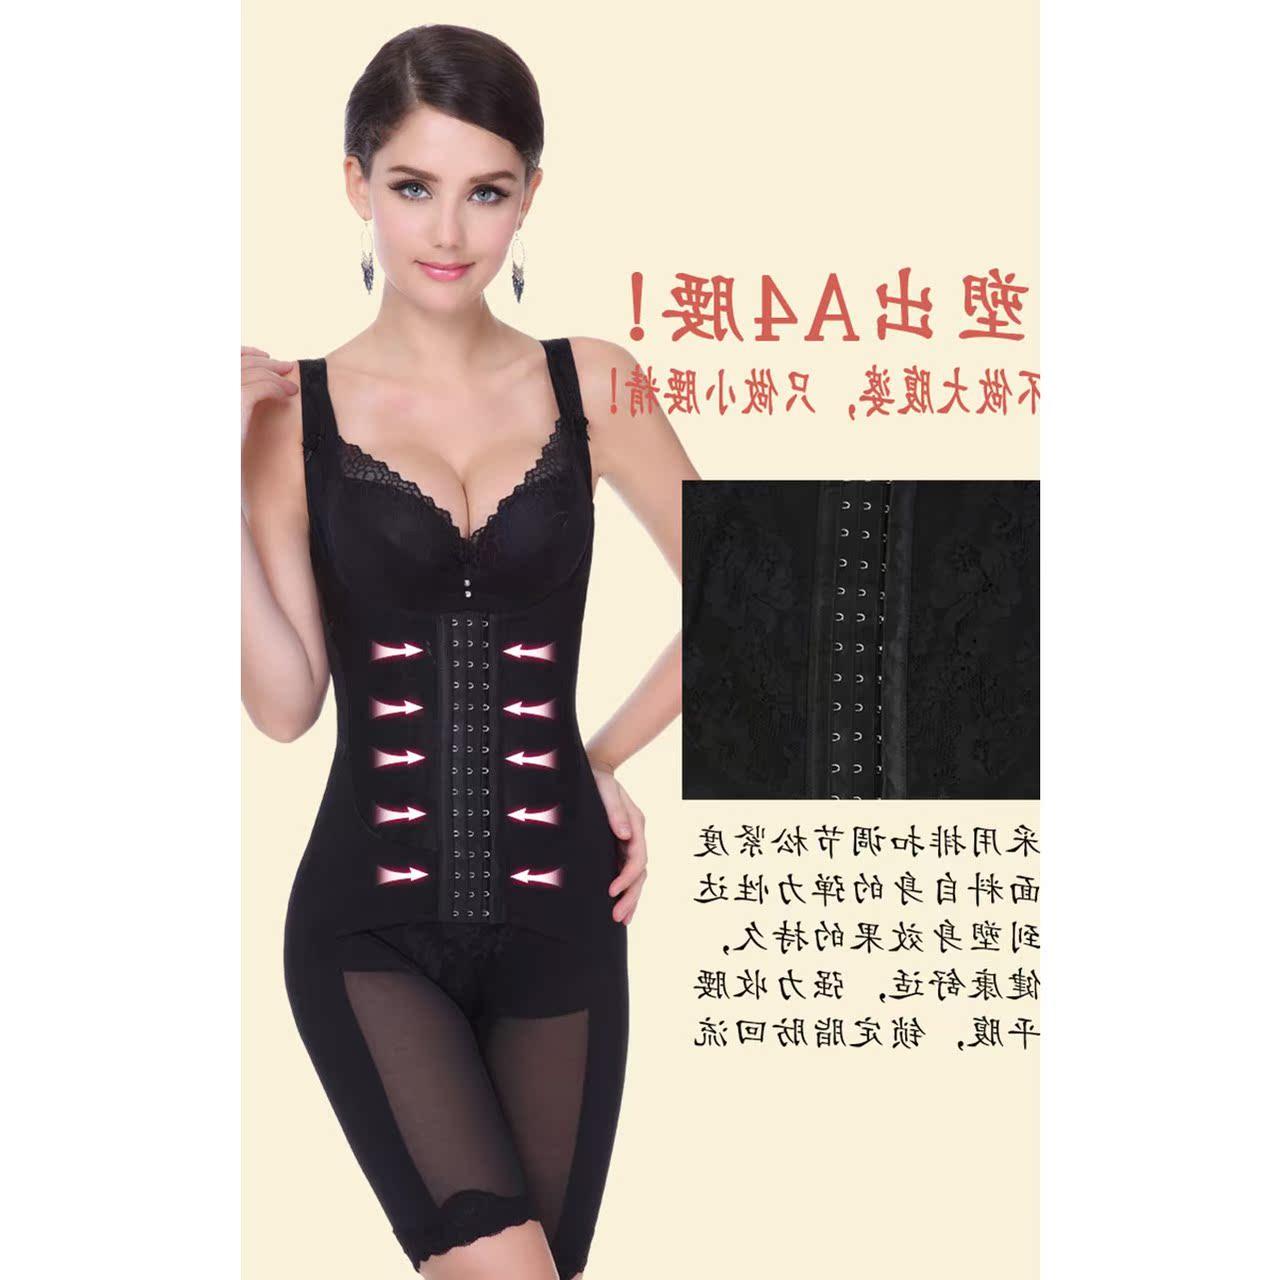 超薄美体版开档式连体塑身衣产后收腹内衣加强调整型吊带束身束腰